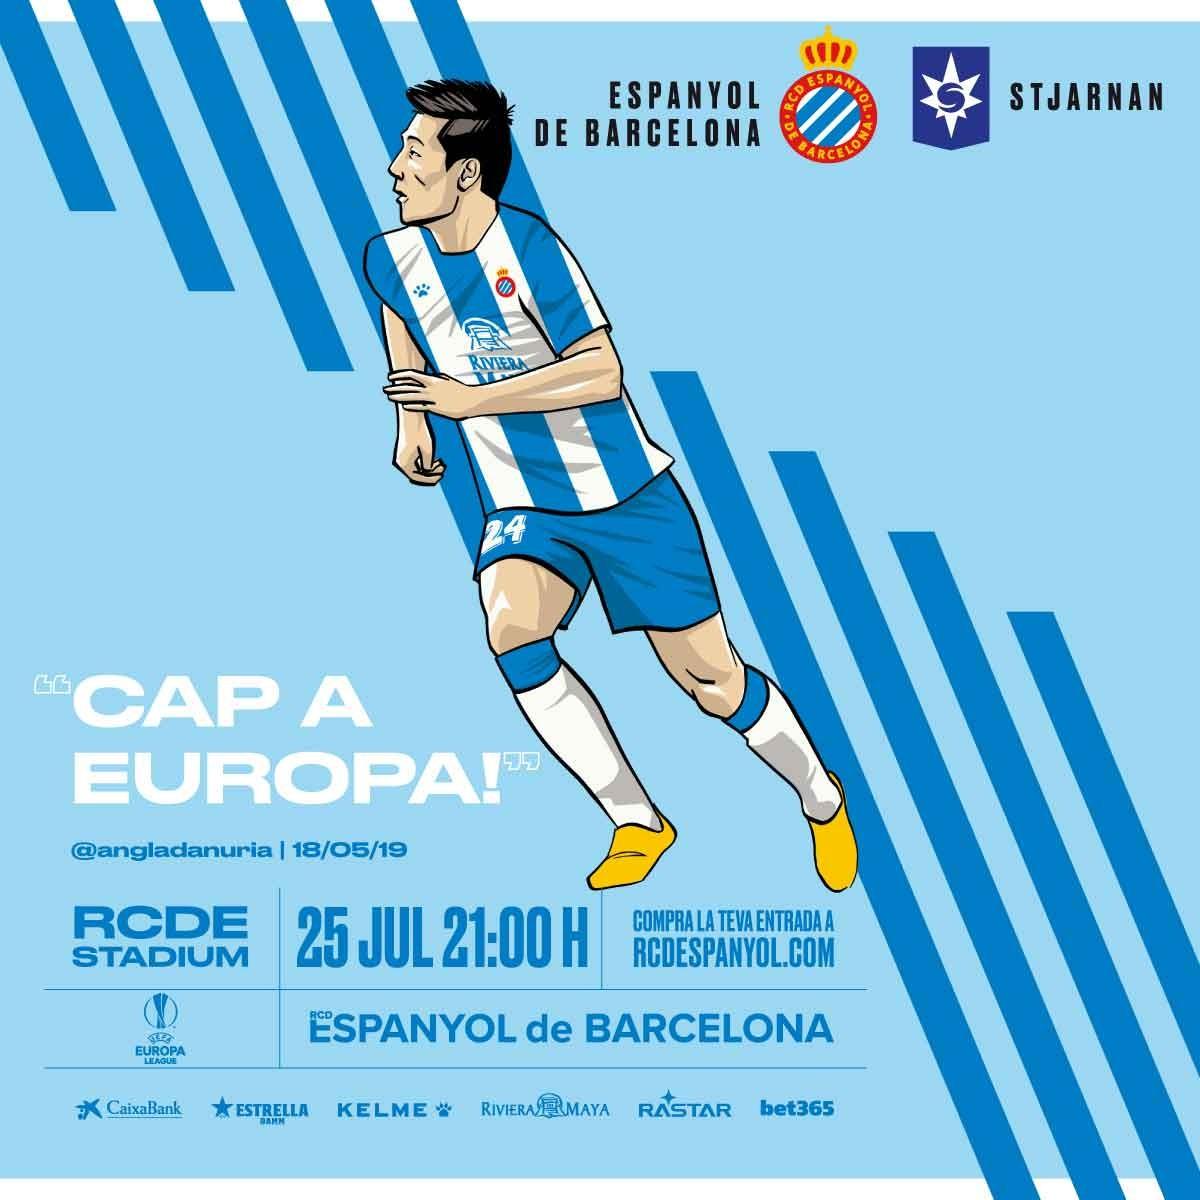 西班牙人官方发布欧联杯资格赛海报:武磊成唯一主角